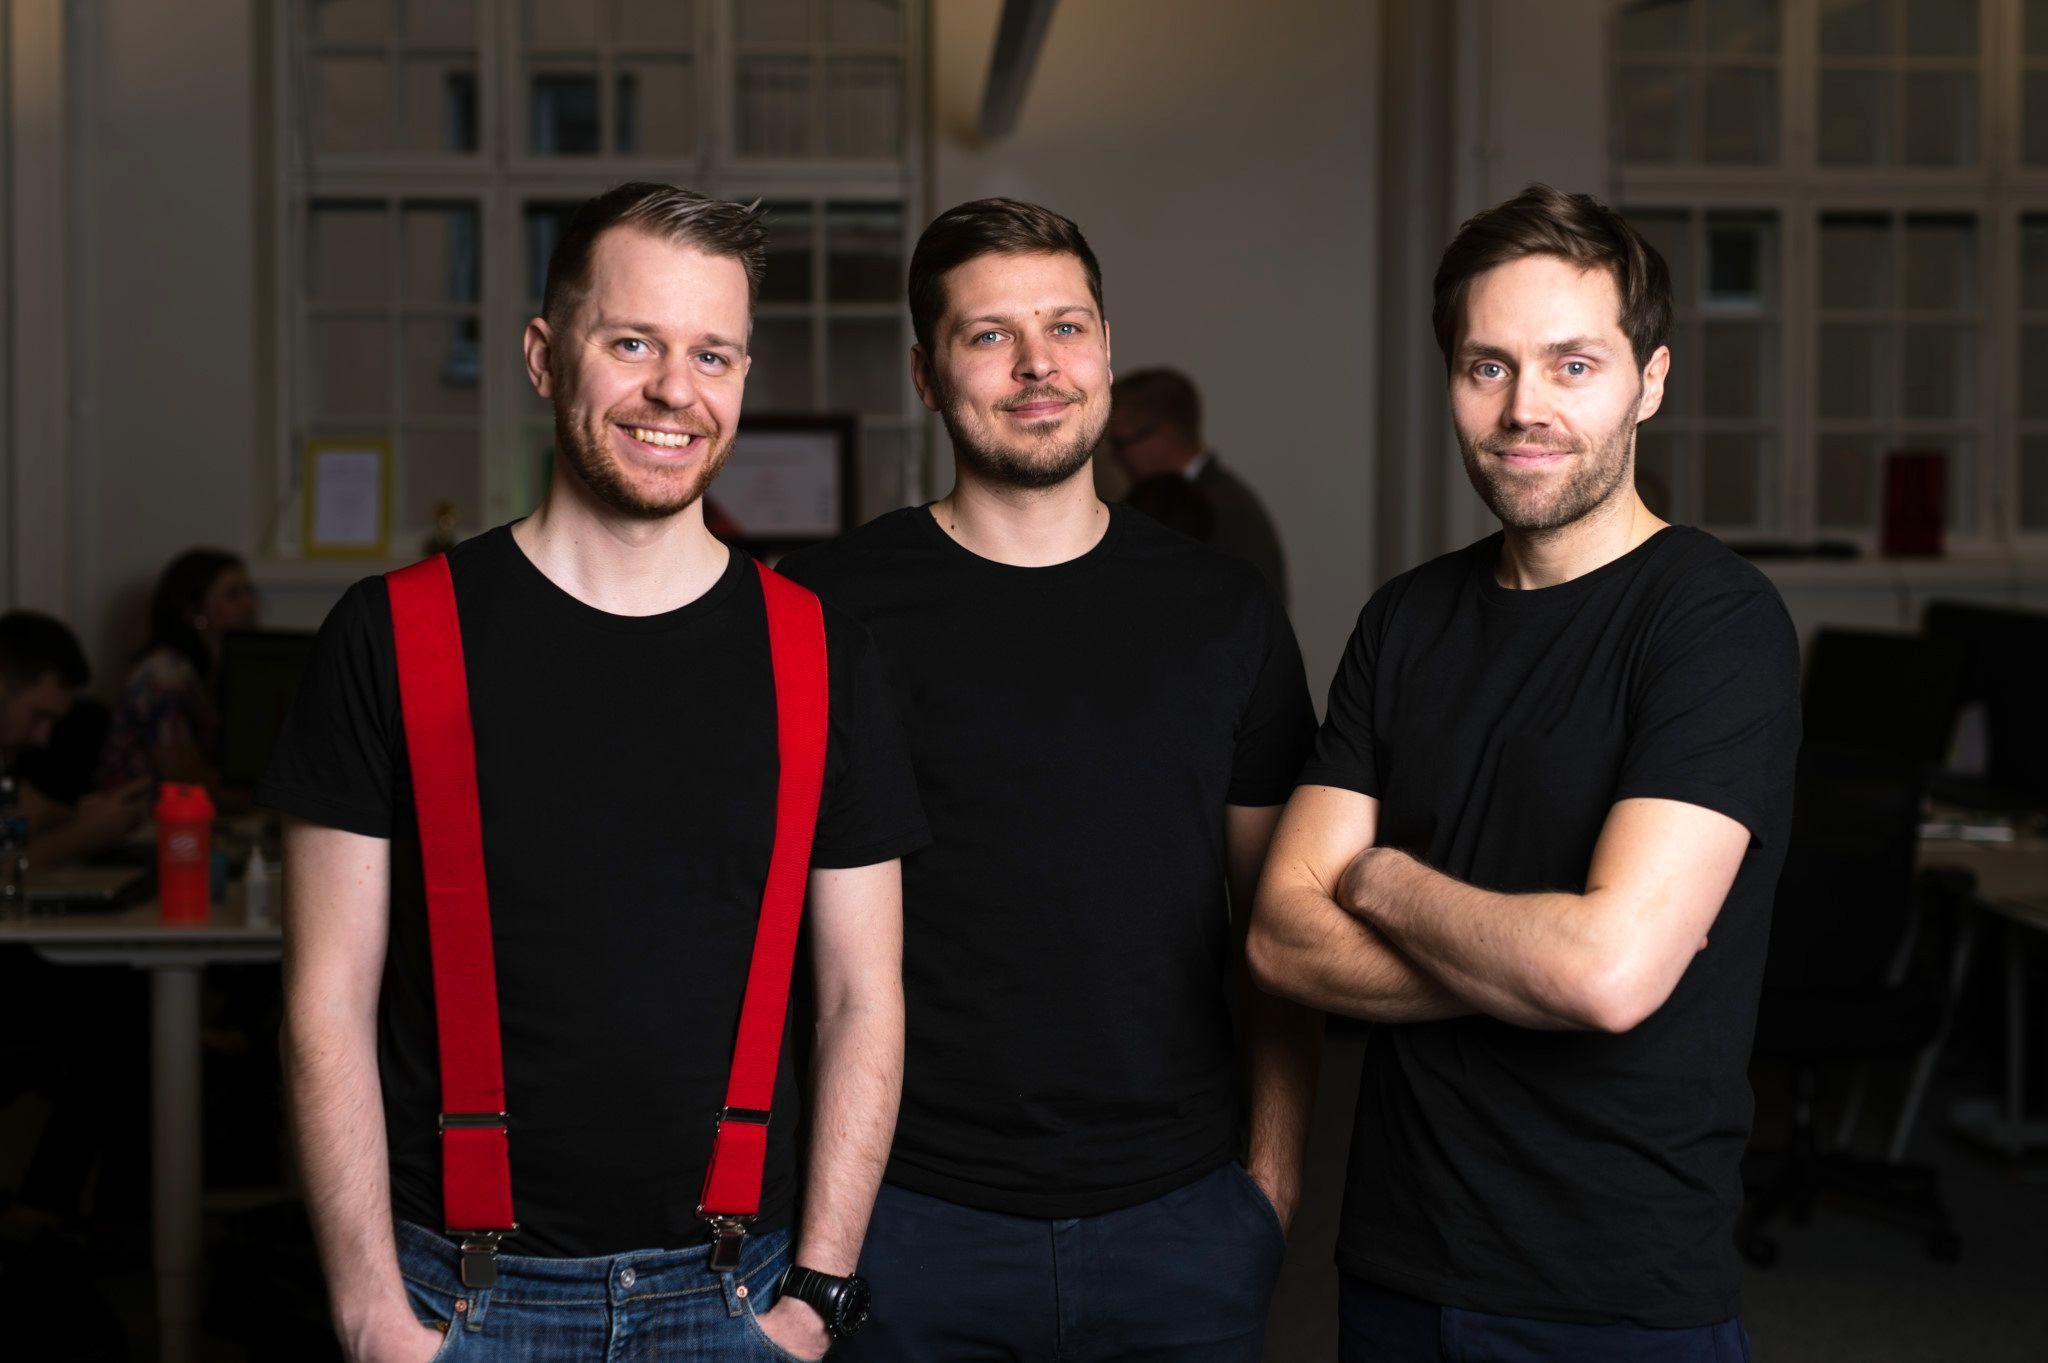 Gappsissa syntynyt Happeo keräsi 7 miljoonan euron rahoituksen